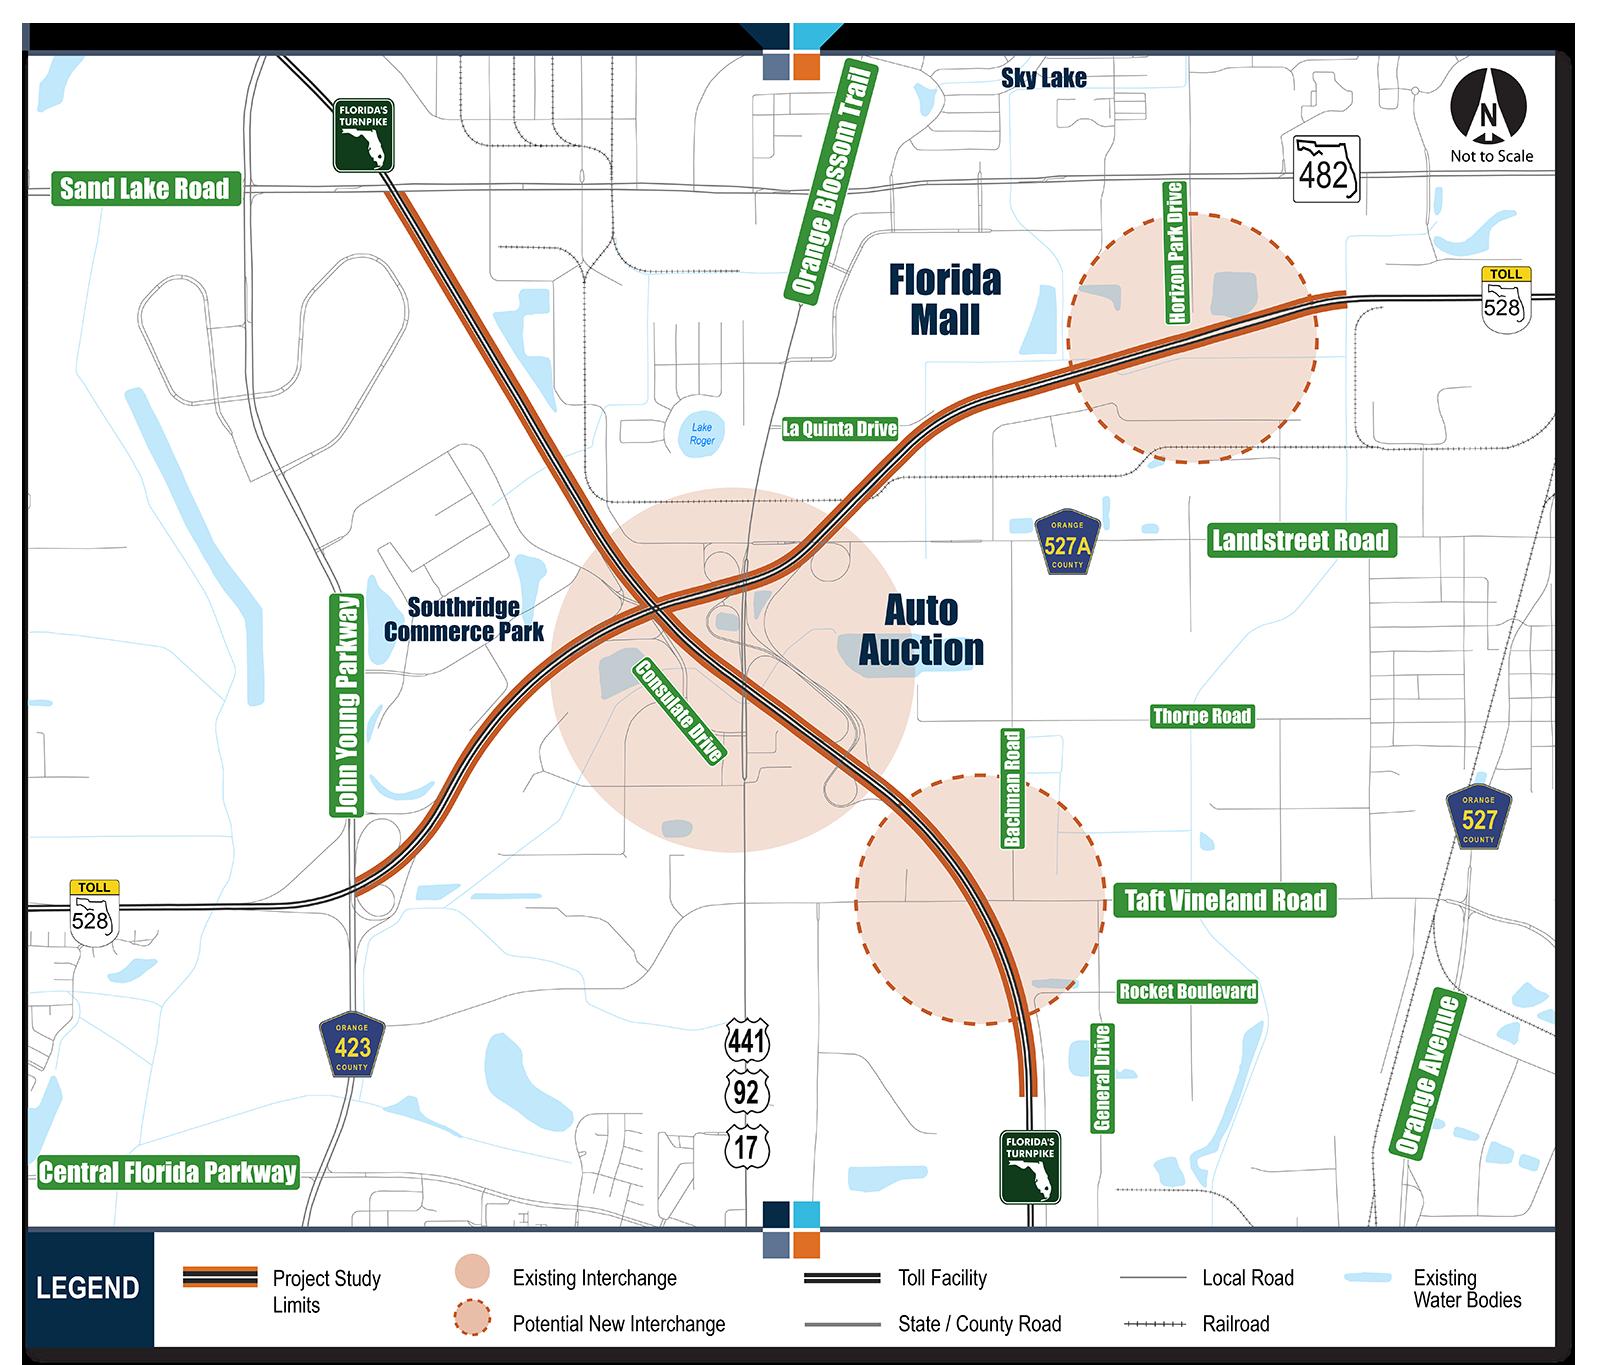 Orlando South Map